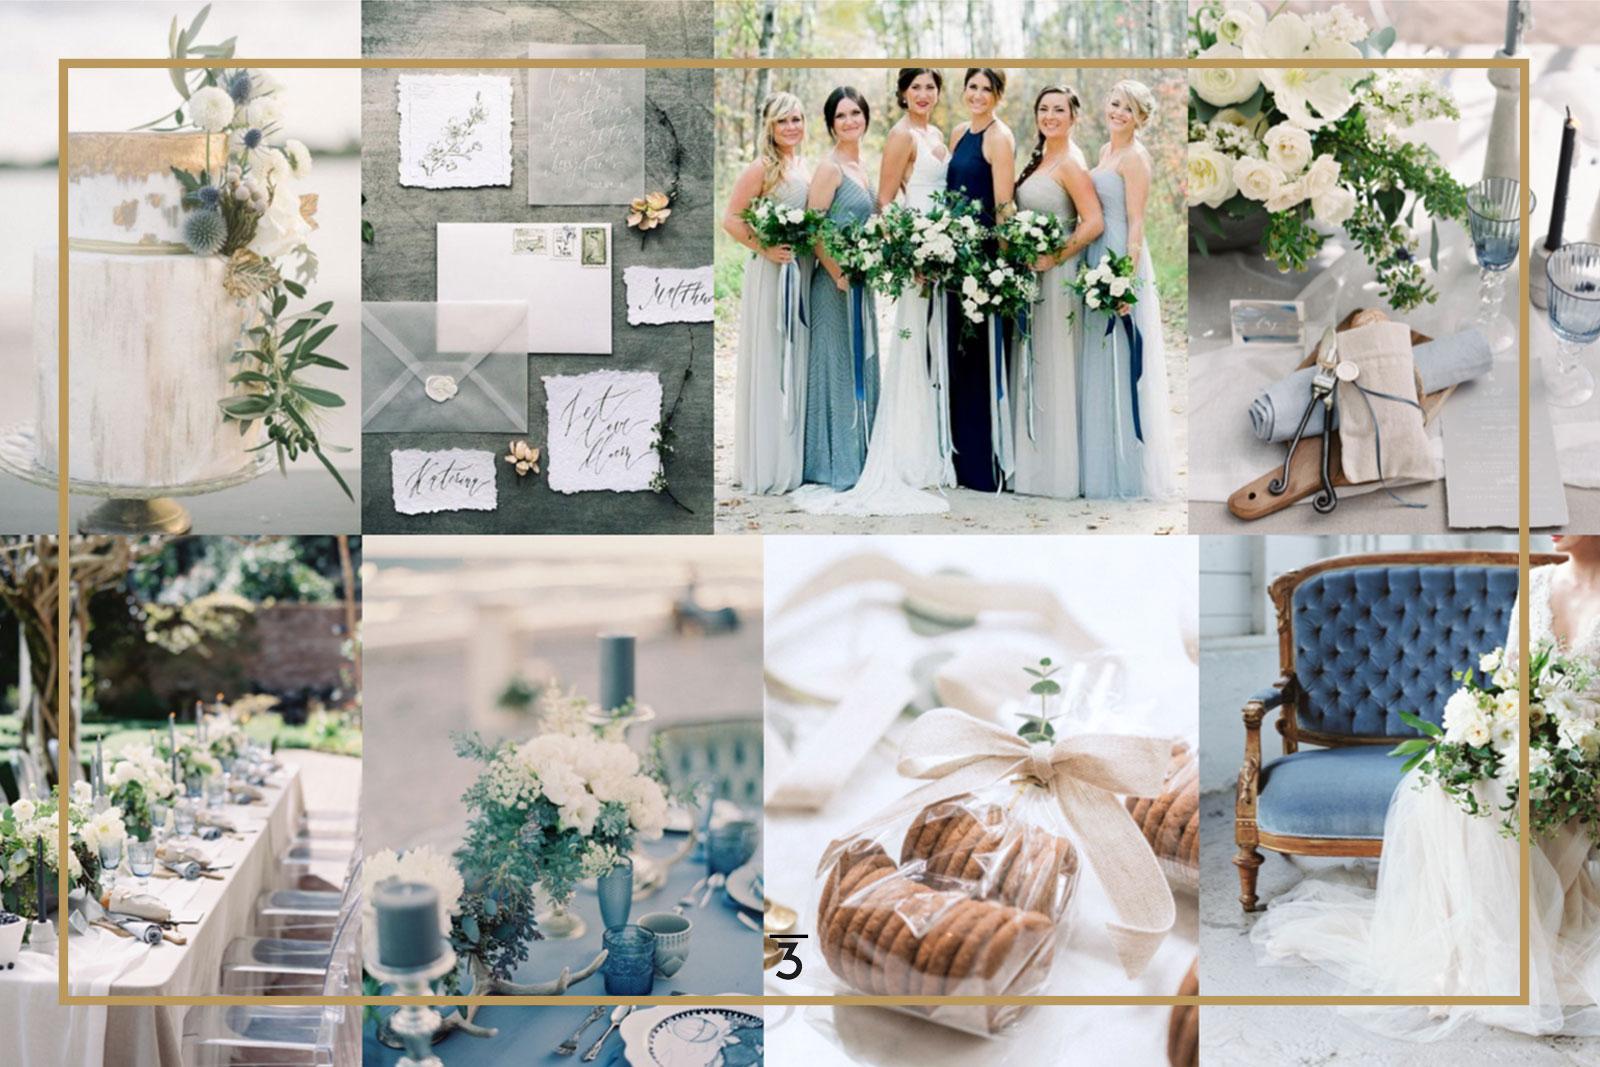 Wedding Mood Boards, Wedding Inspo, Wedding Inspiration, Wedding Design, Wedding Mood Board, Wedding Moodboard, Wedding Colour Scheme